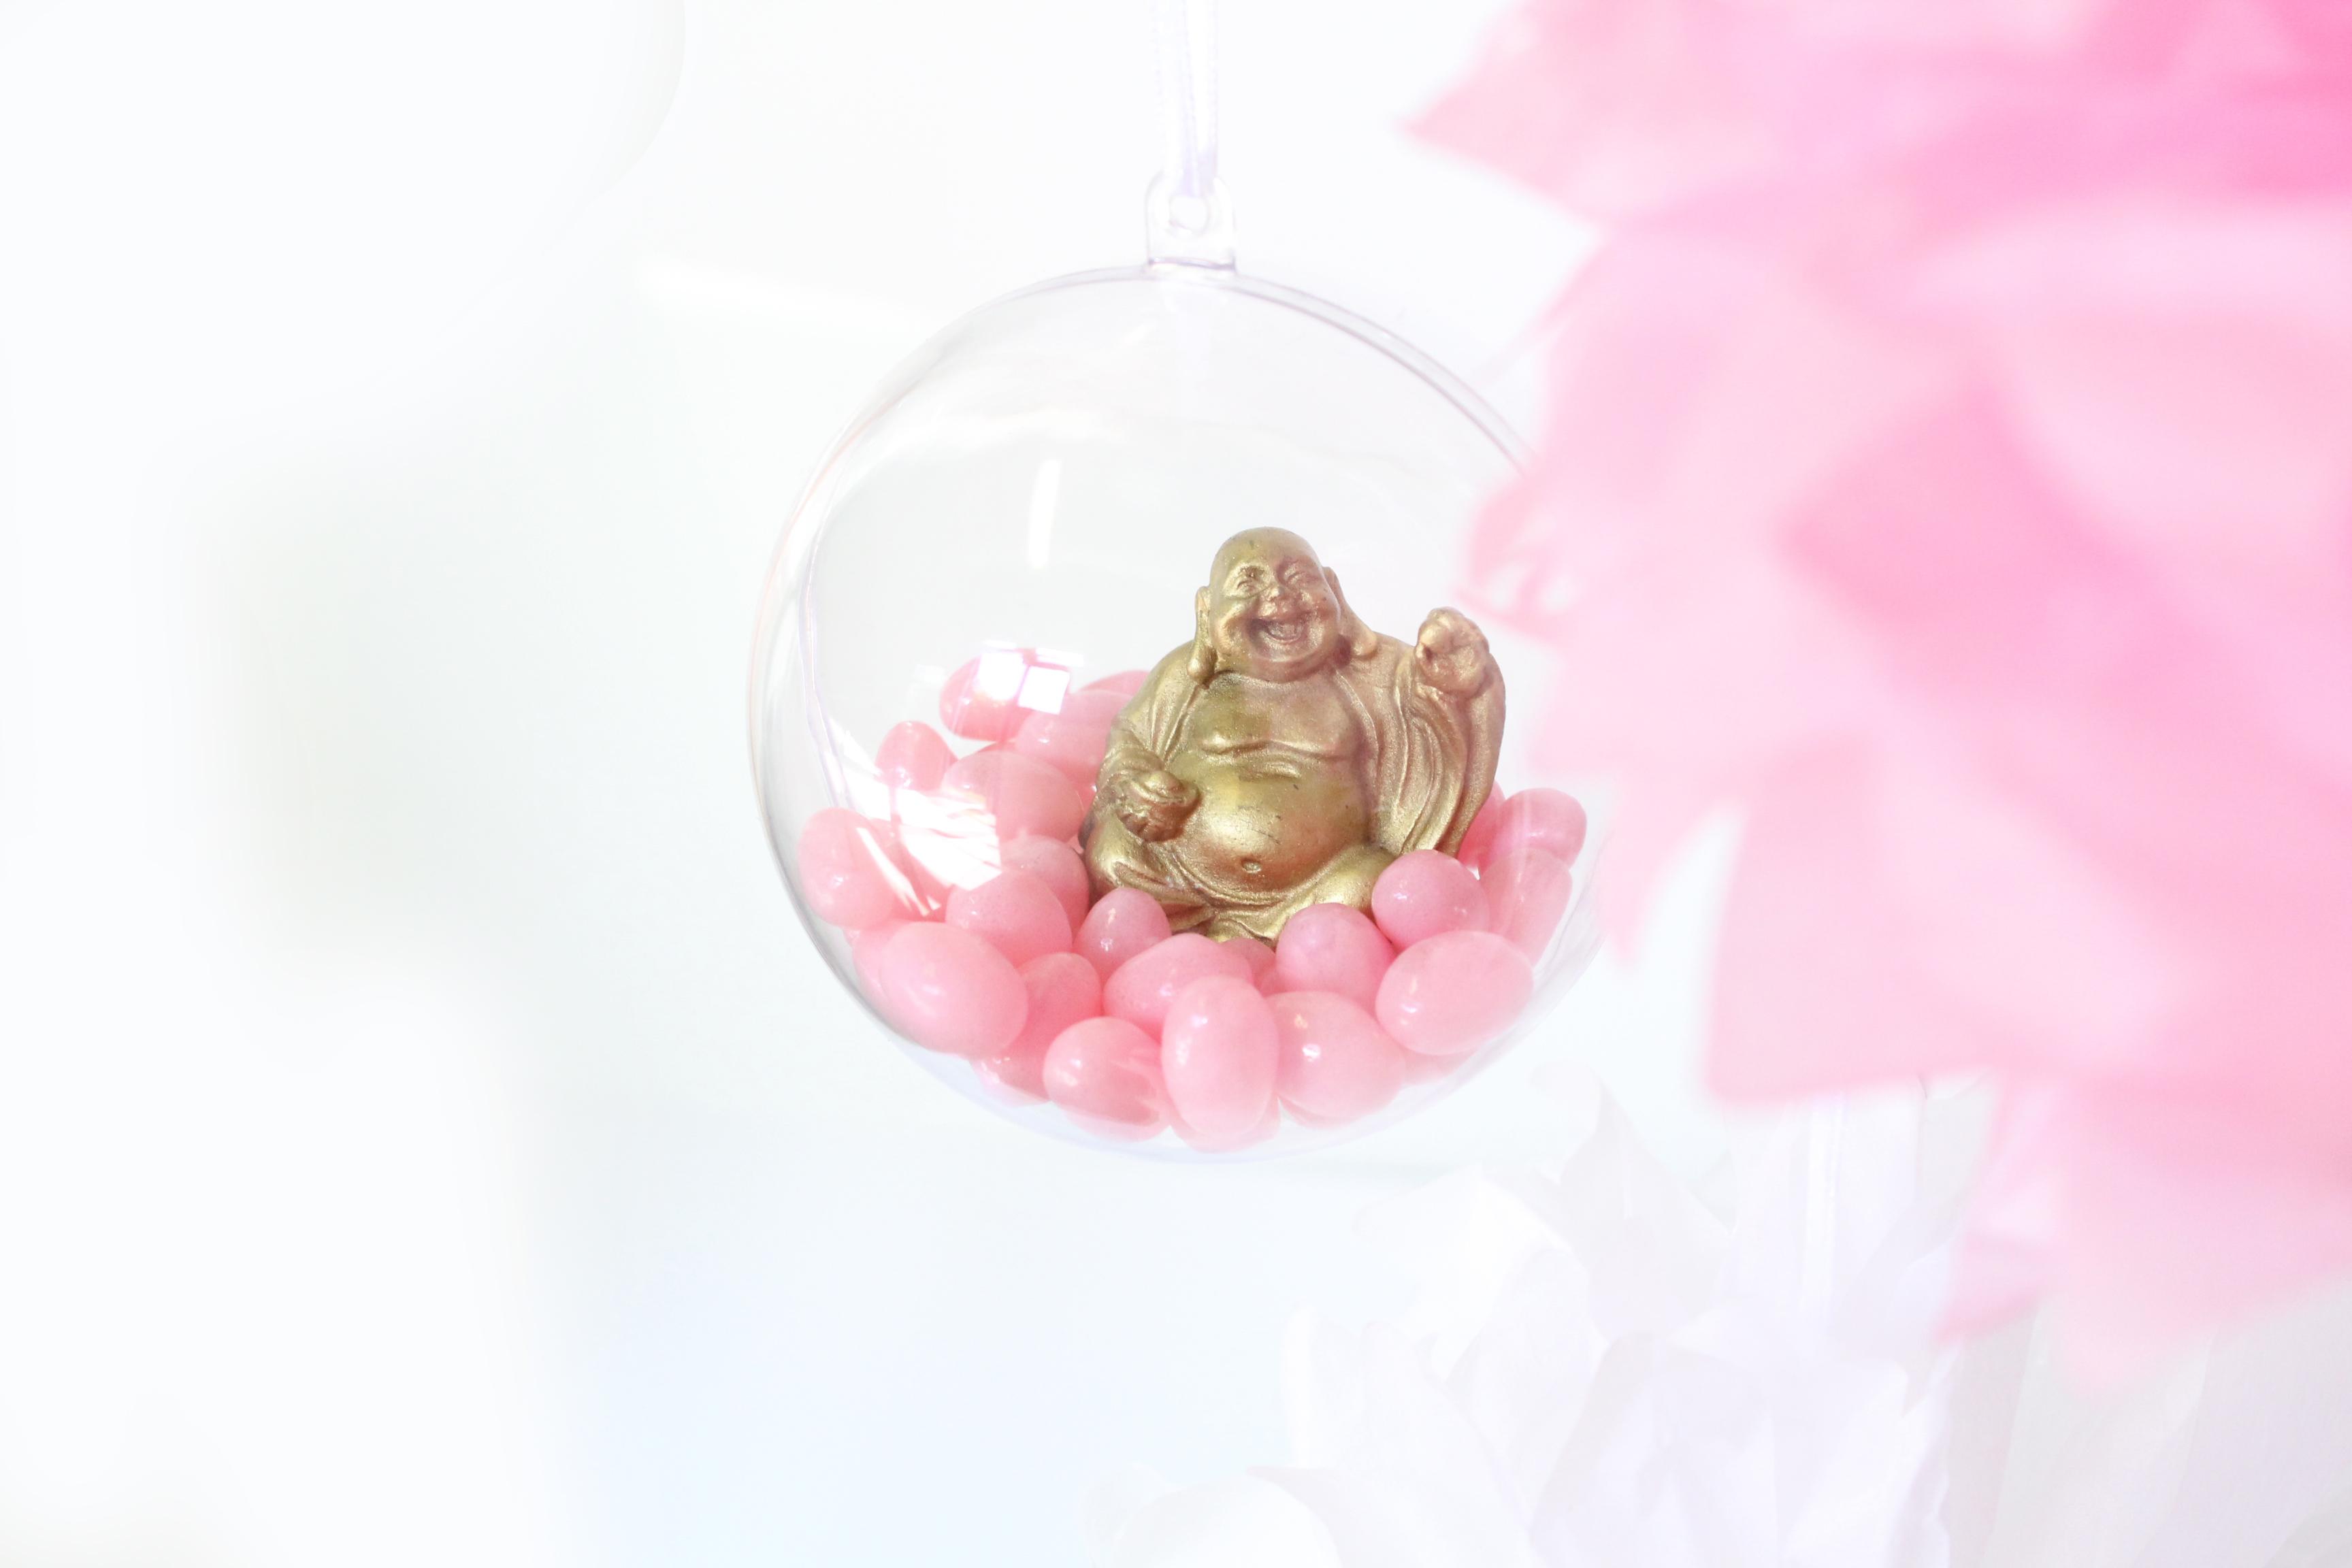 Kugels gevuld met Boeddha en snoepgoed.